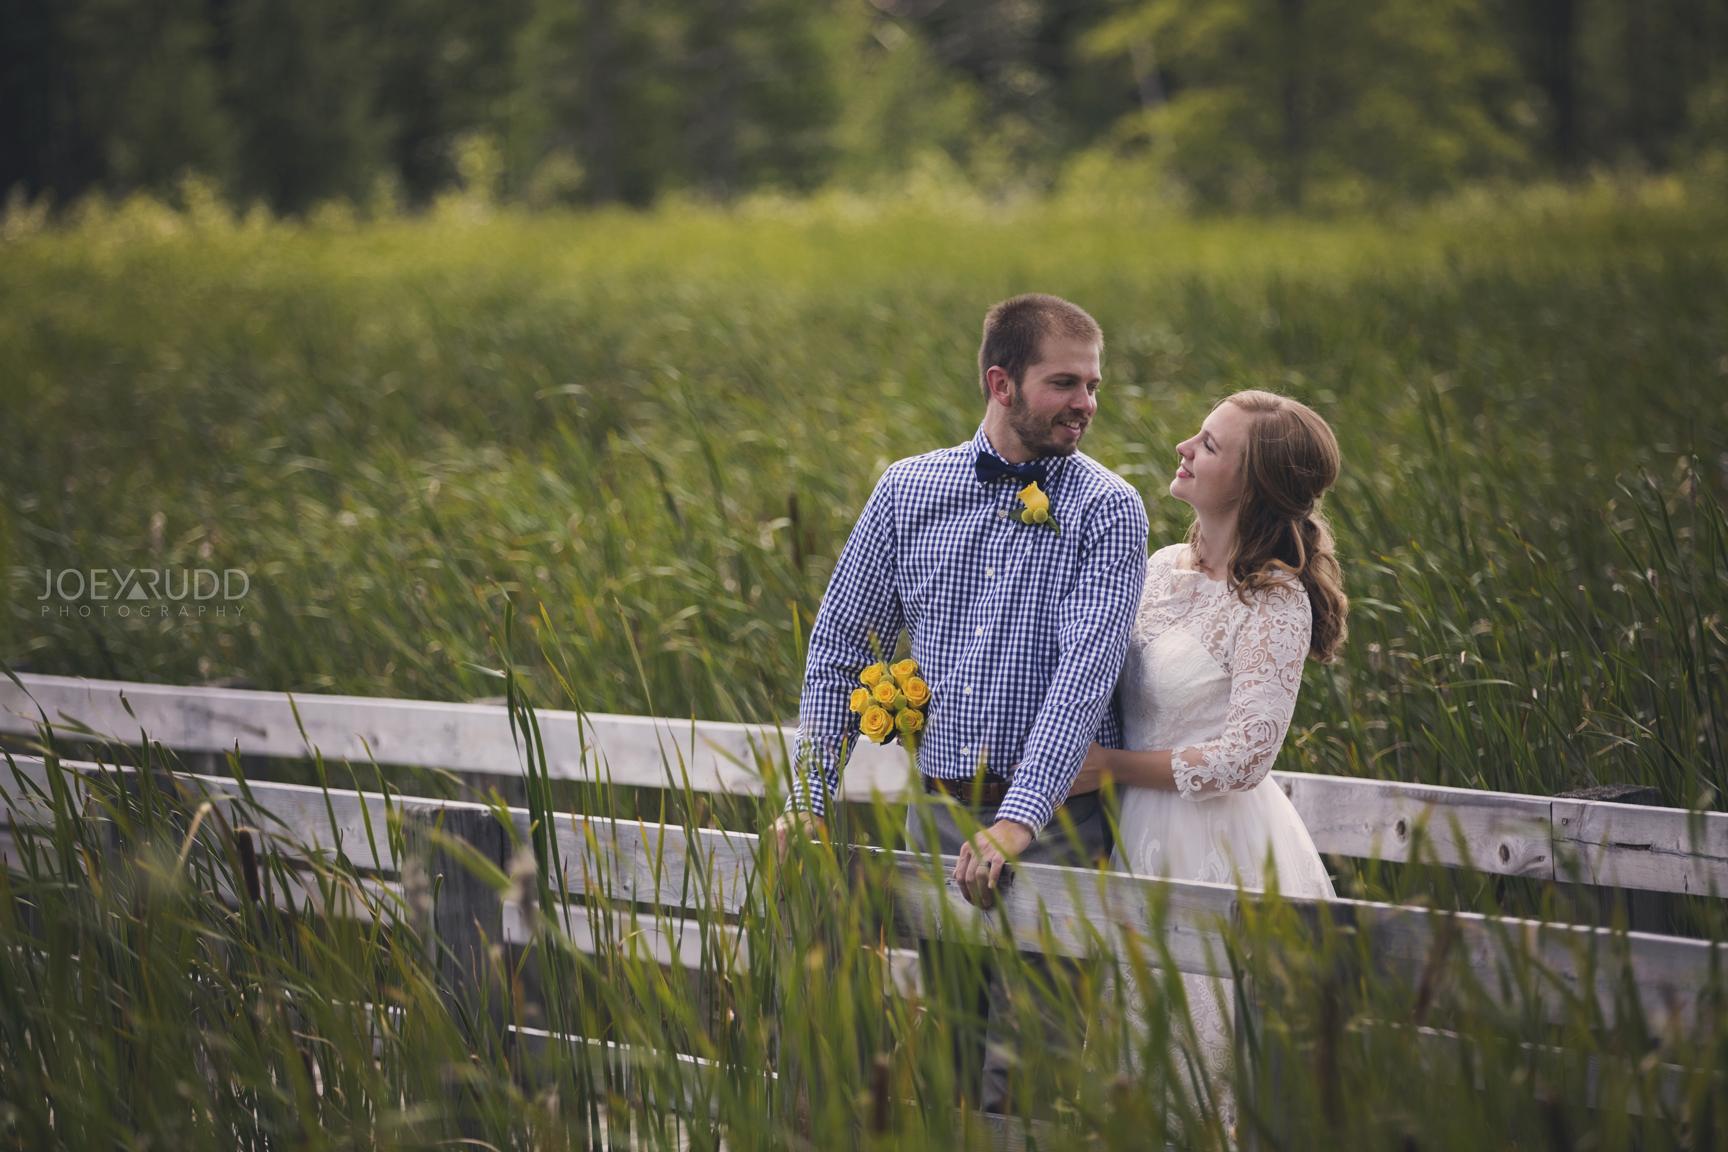 Ottawa Elopement by Joey Rudd Photography Ottawa Wedding Photographer Mer Bleue Ottawa Wedding Chapel Boardwalk Nature Trail